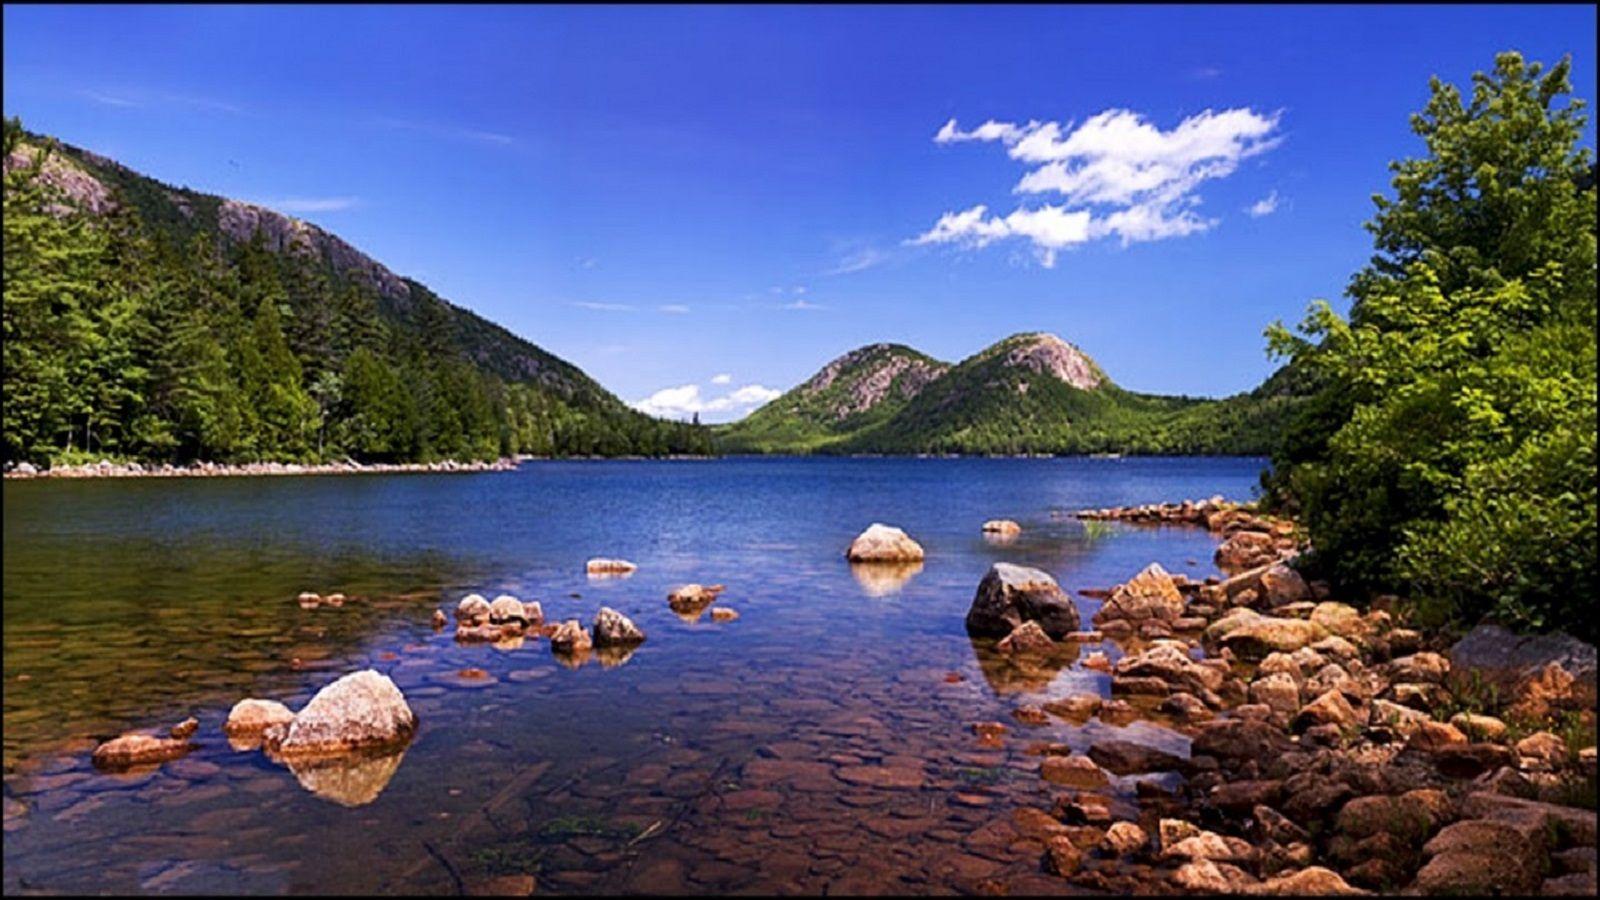 Acadia National Park Desktop Backgrounds image